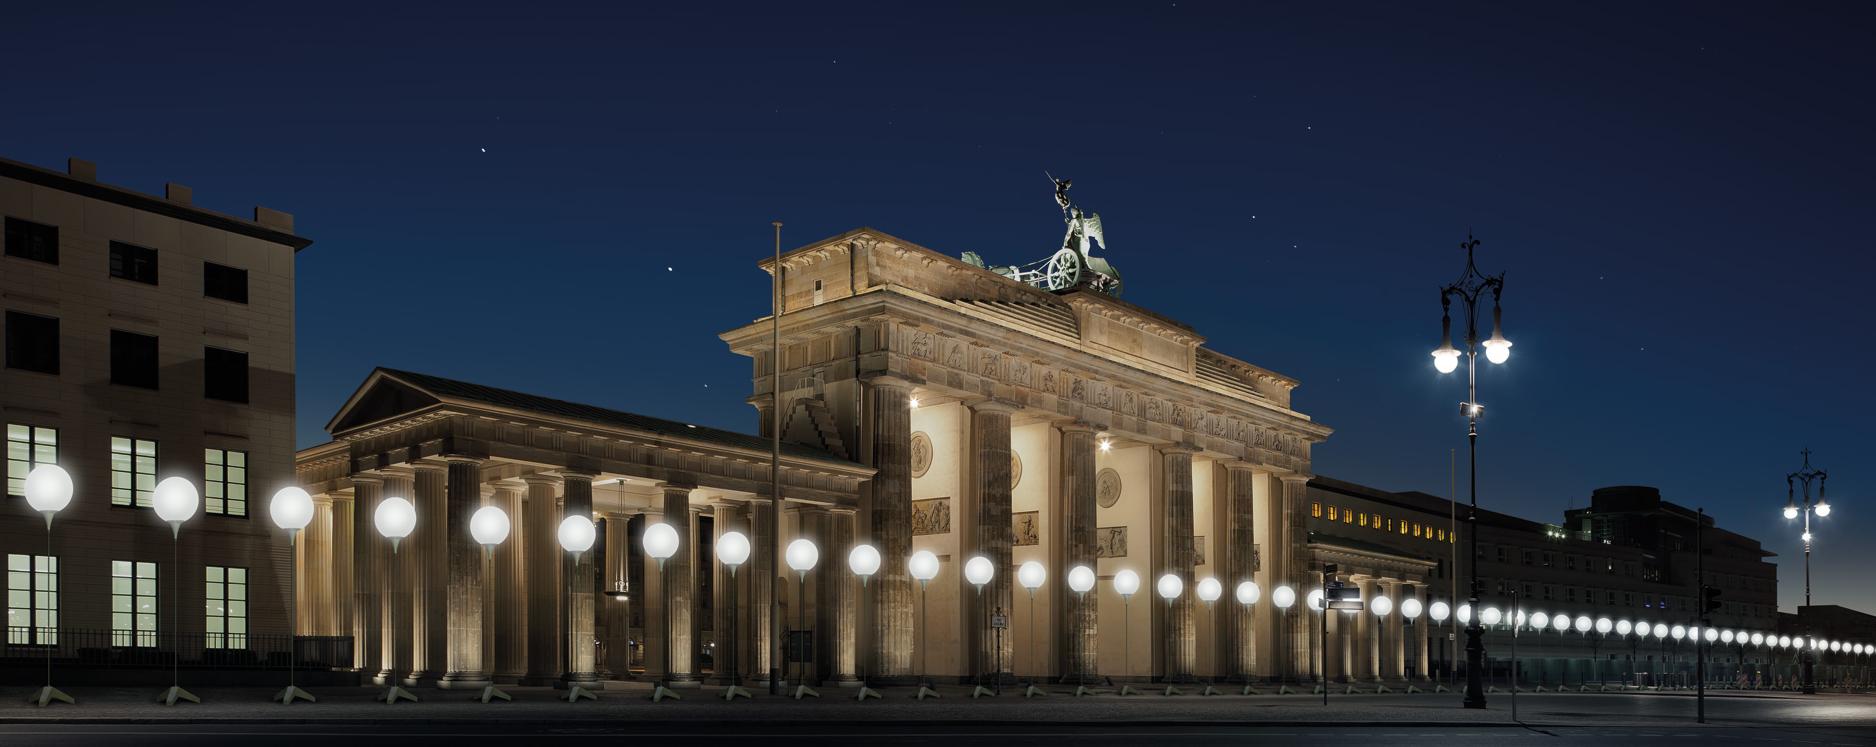 Instalação artística em comemoração aos 25 anos da queda do Muro de Berlim (foto: Daniel Bücke/Divulgação)